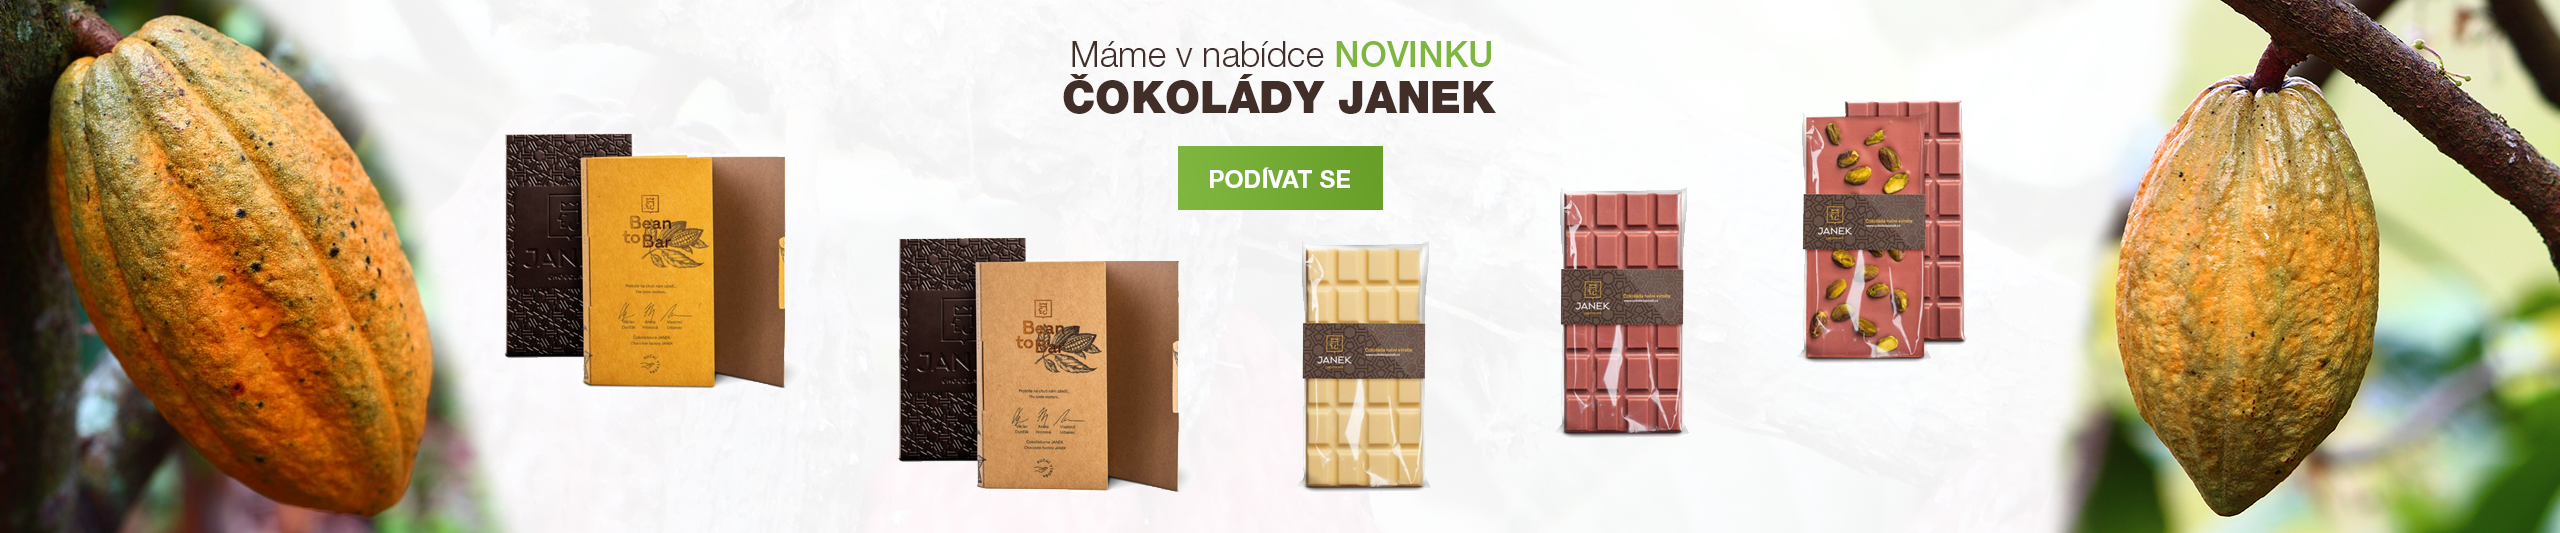 Čokolády Janek